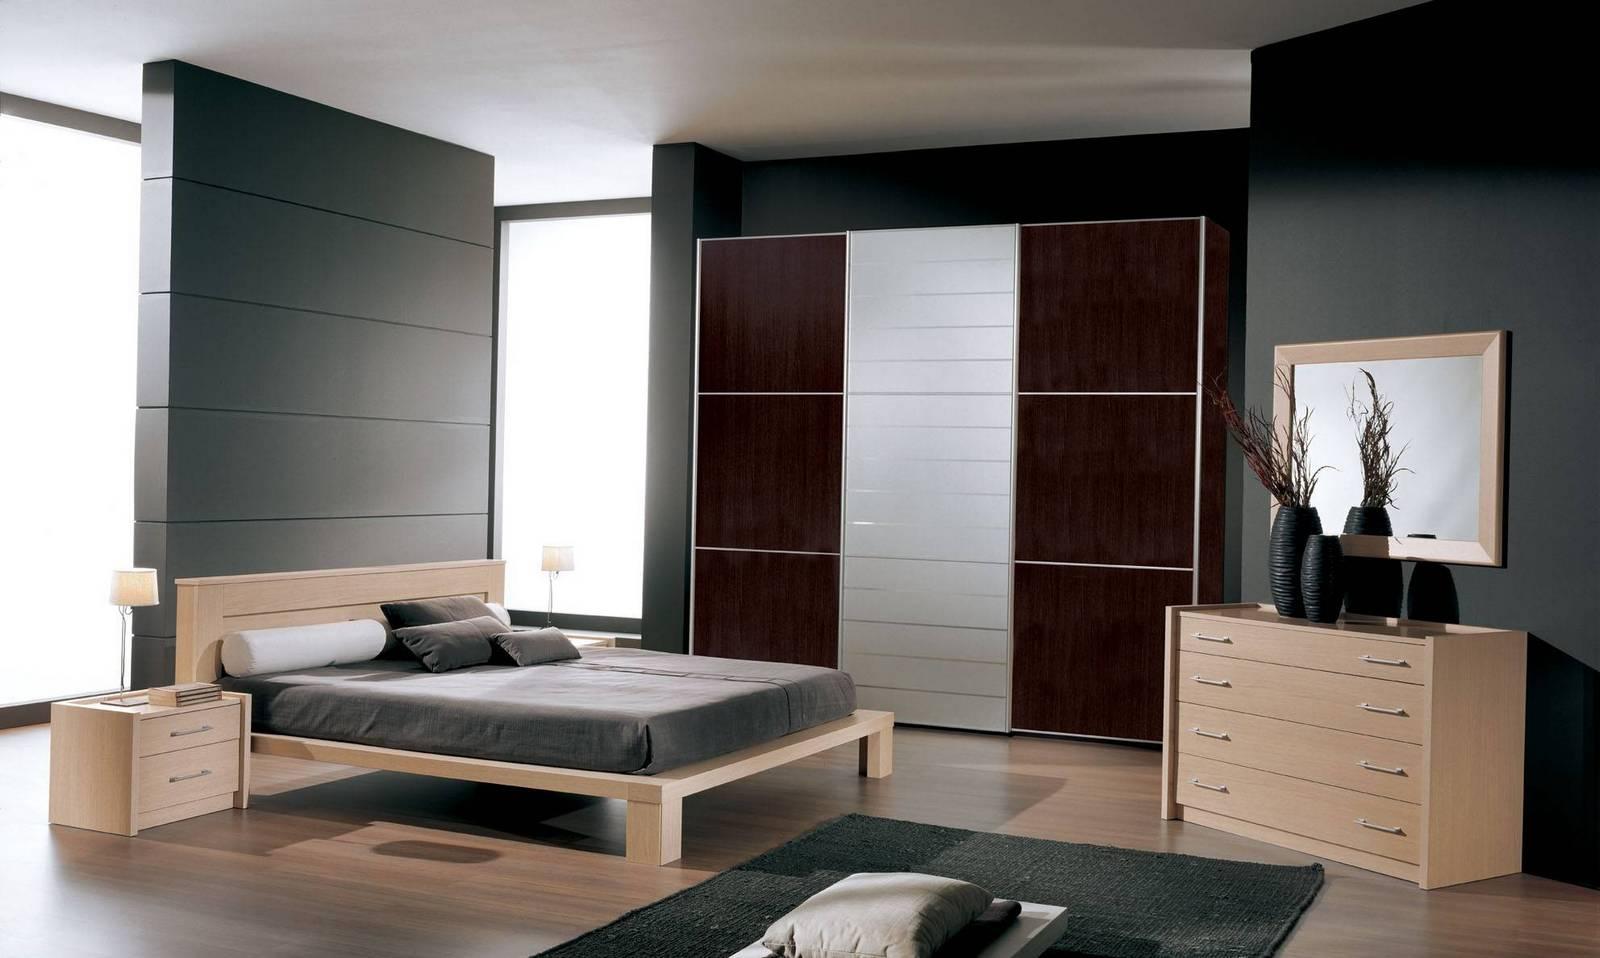 Бежевая мебель в спальне в стиле модерн